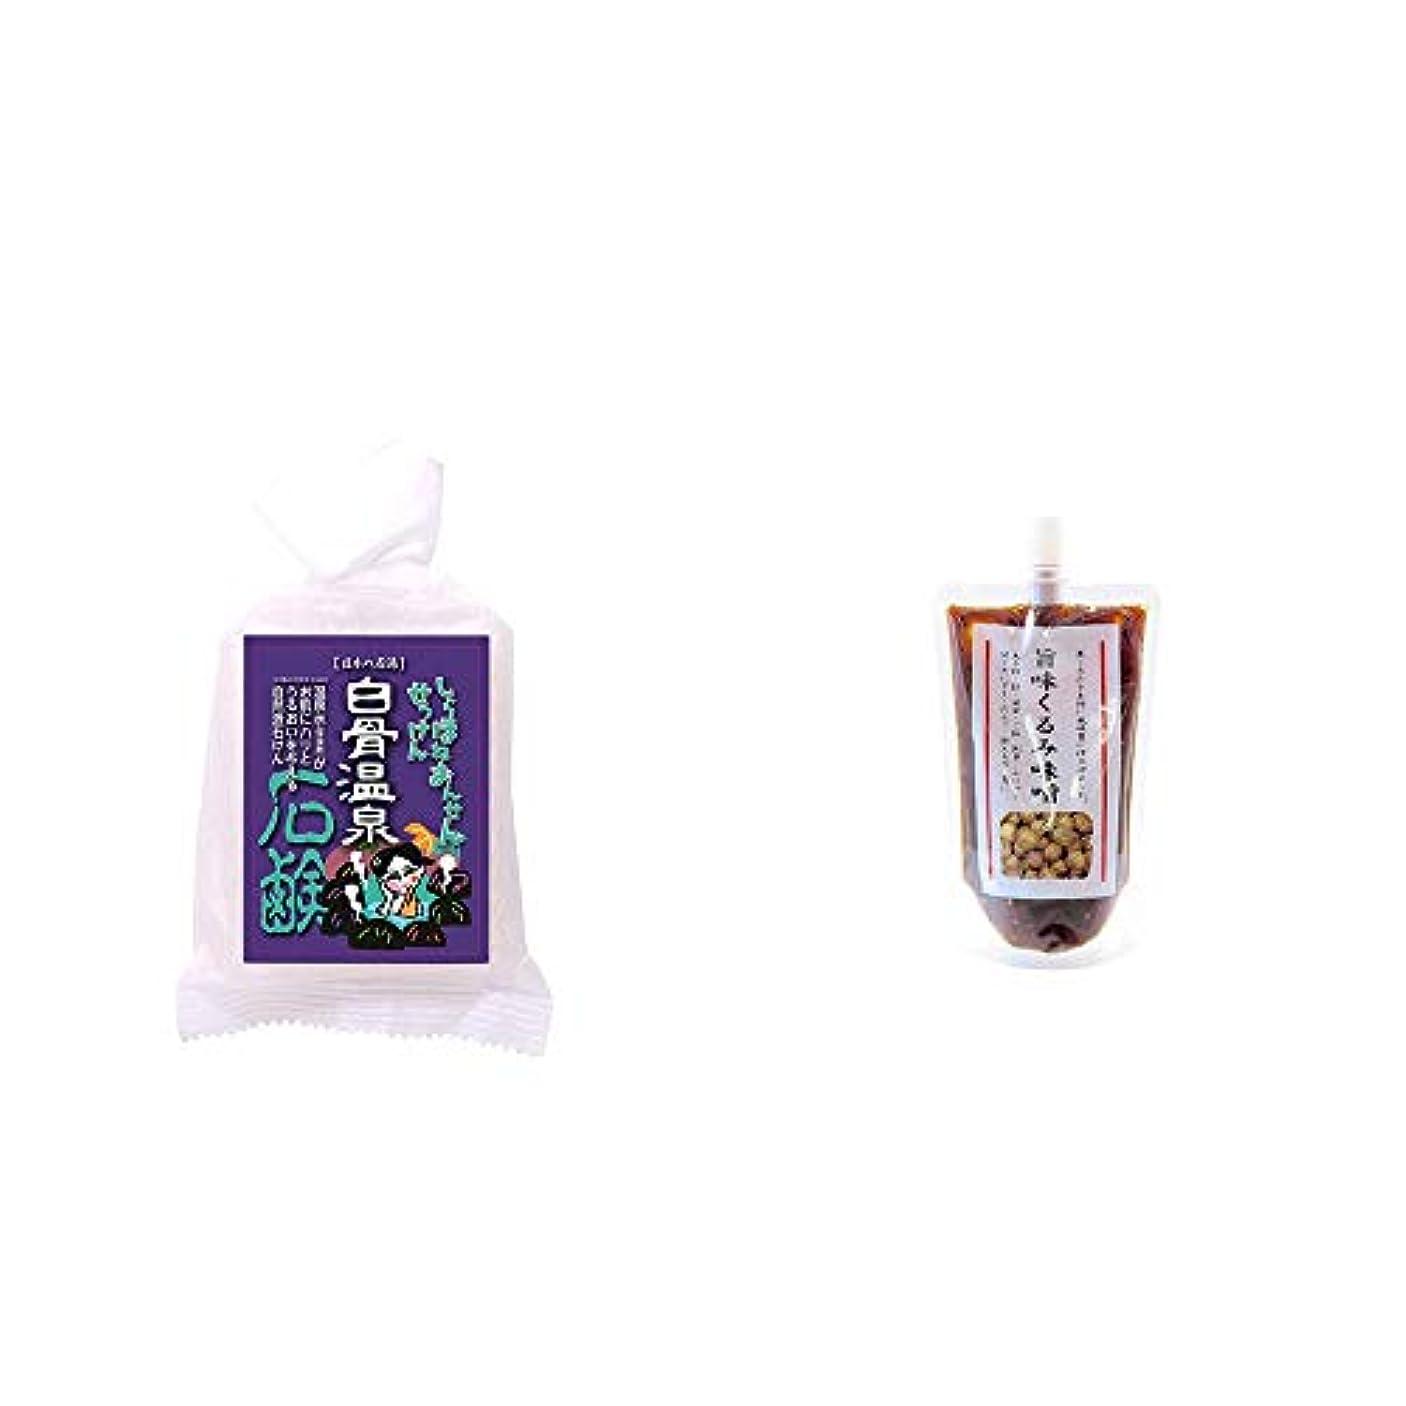 ゾーン詐欺上院[2点セット] 信州 白骨温泉石鹸(80g)?旨味くるみ味噌(260g)